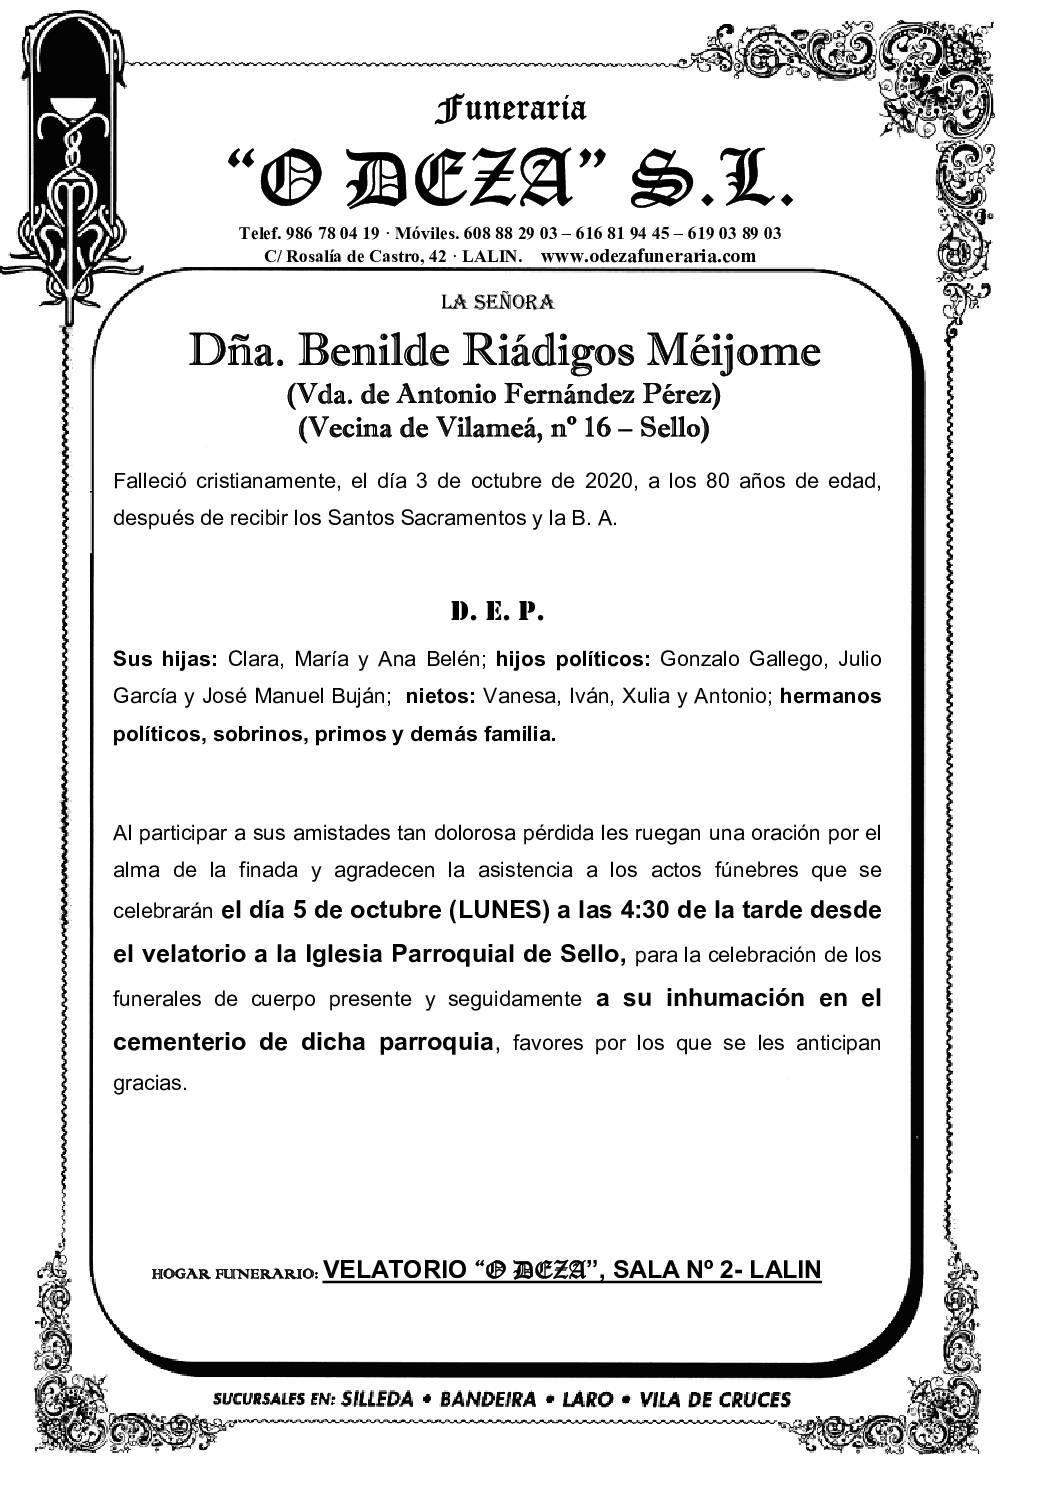 DÑA. BENILDE RIADIGOS MEIJOME